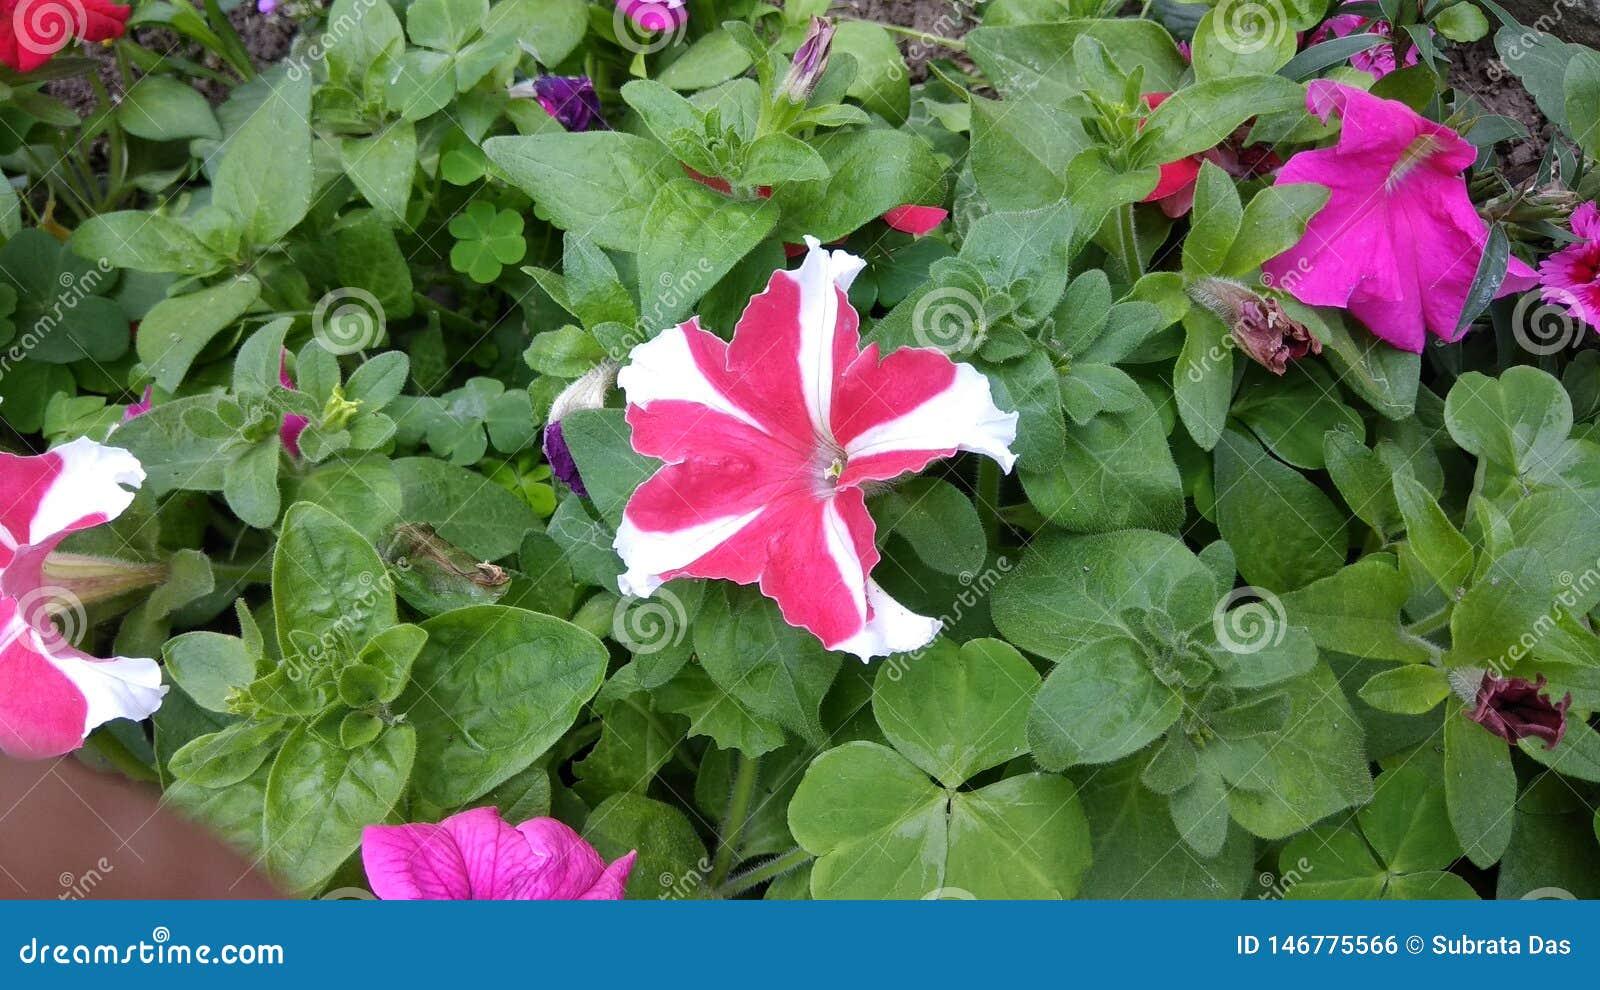 Это изображение цветков петуньи